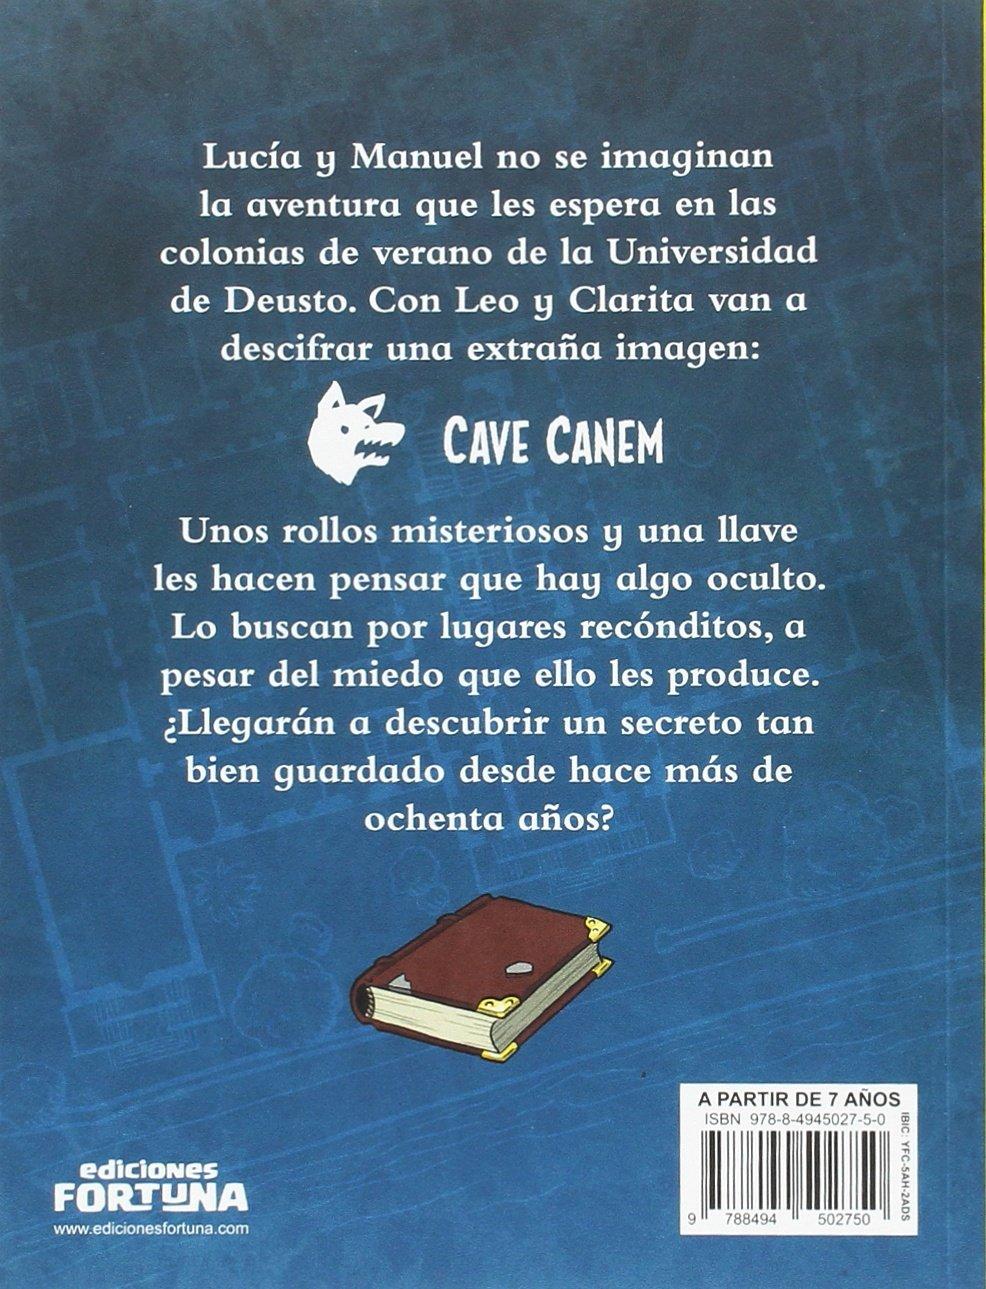 El secreto de cave canem Misterios en la universidad: Amazon.es: María Luisa Amigo Fernández de Arroyabe, Jesús Delgado González: Libros